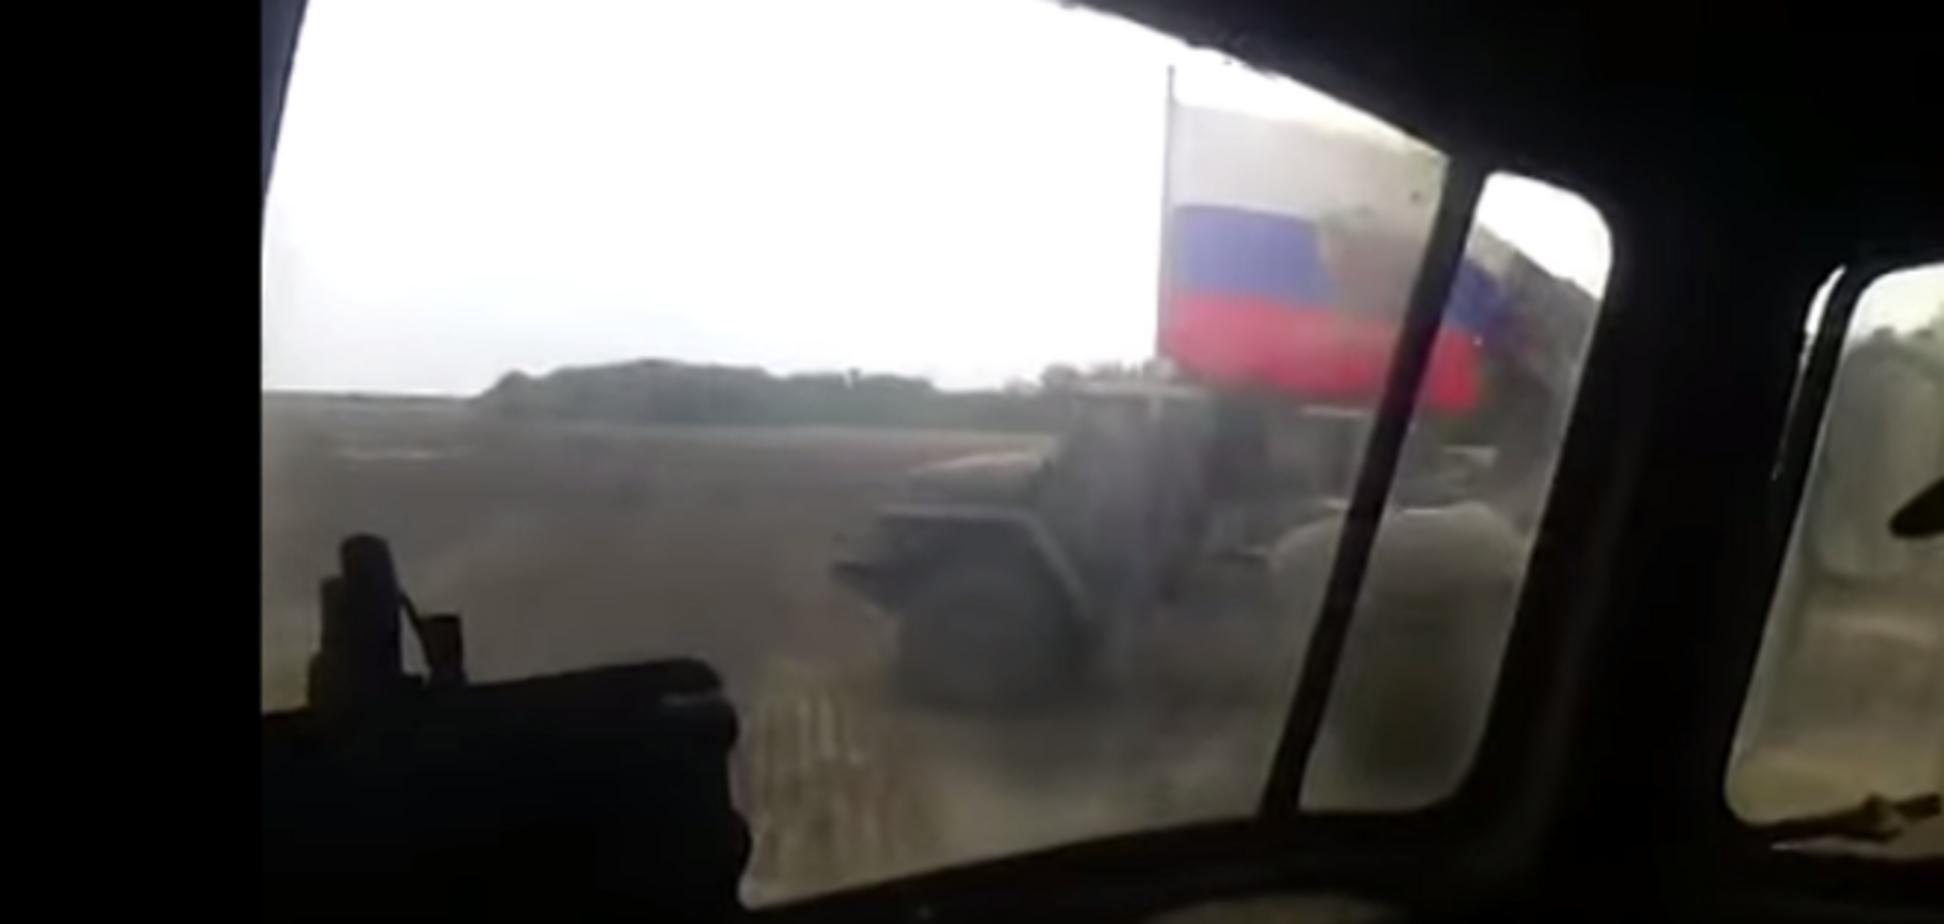 По укроповскому хутору залпом огонь! Появилось видео, как российские боевики расстреливают из 'Градов' украинское село